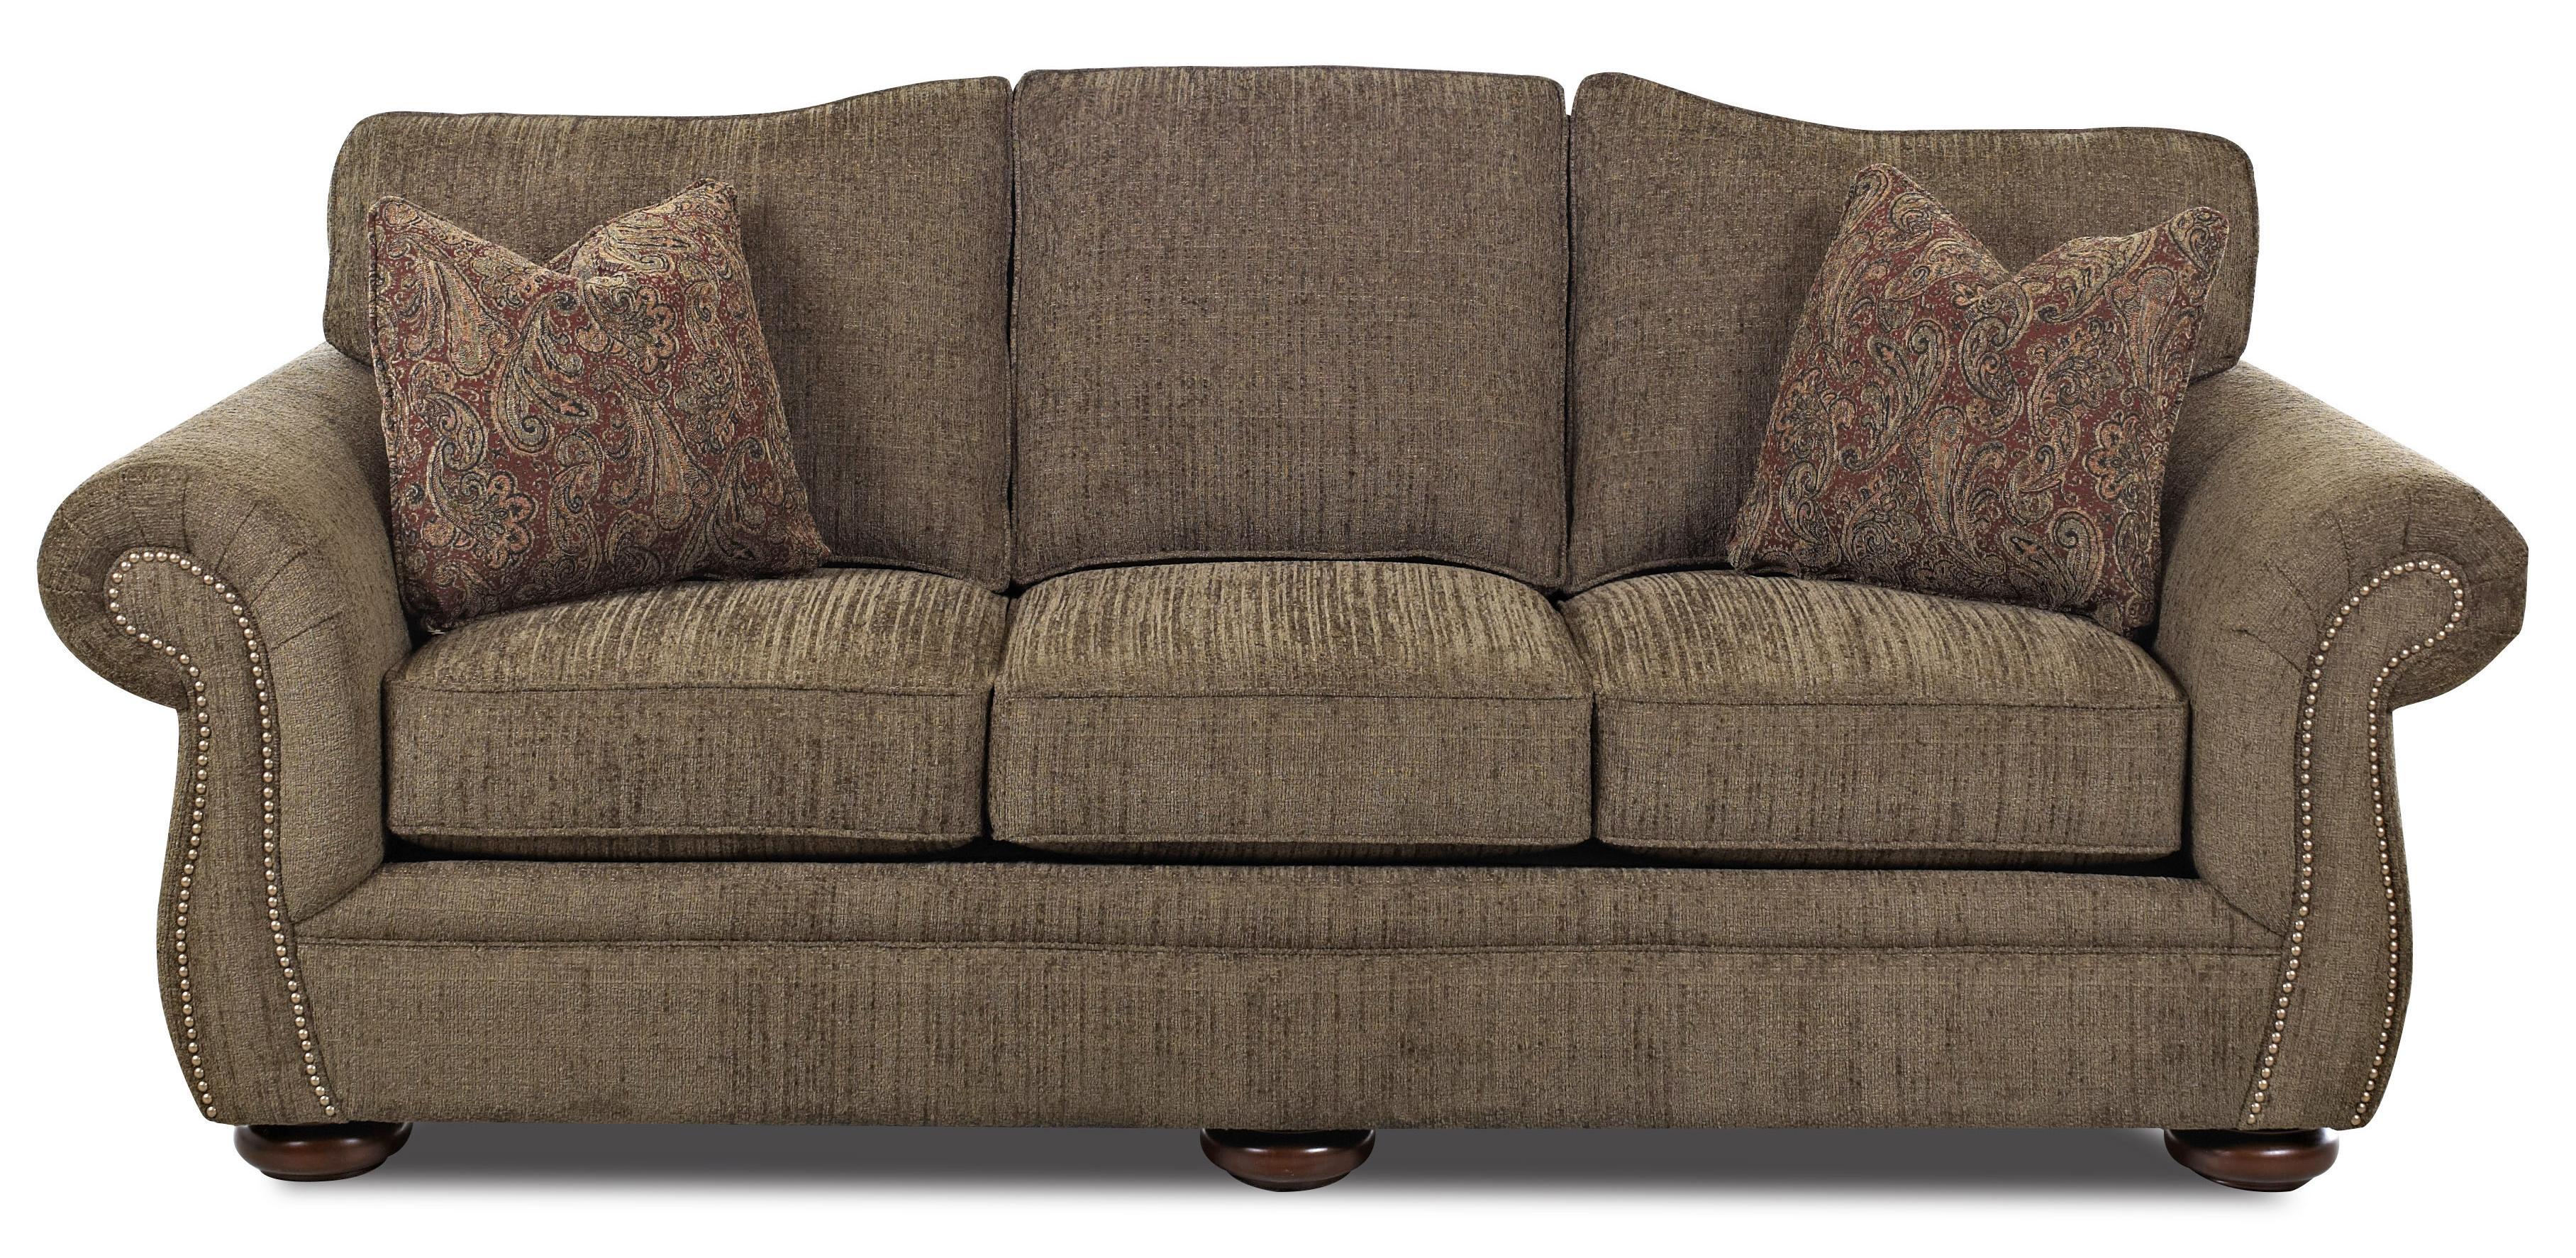 Awesome Klaussner Platter Street Sofa   Item Number: K24010 S